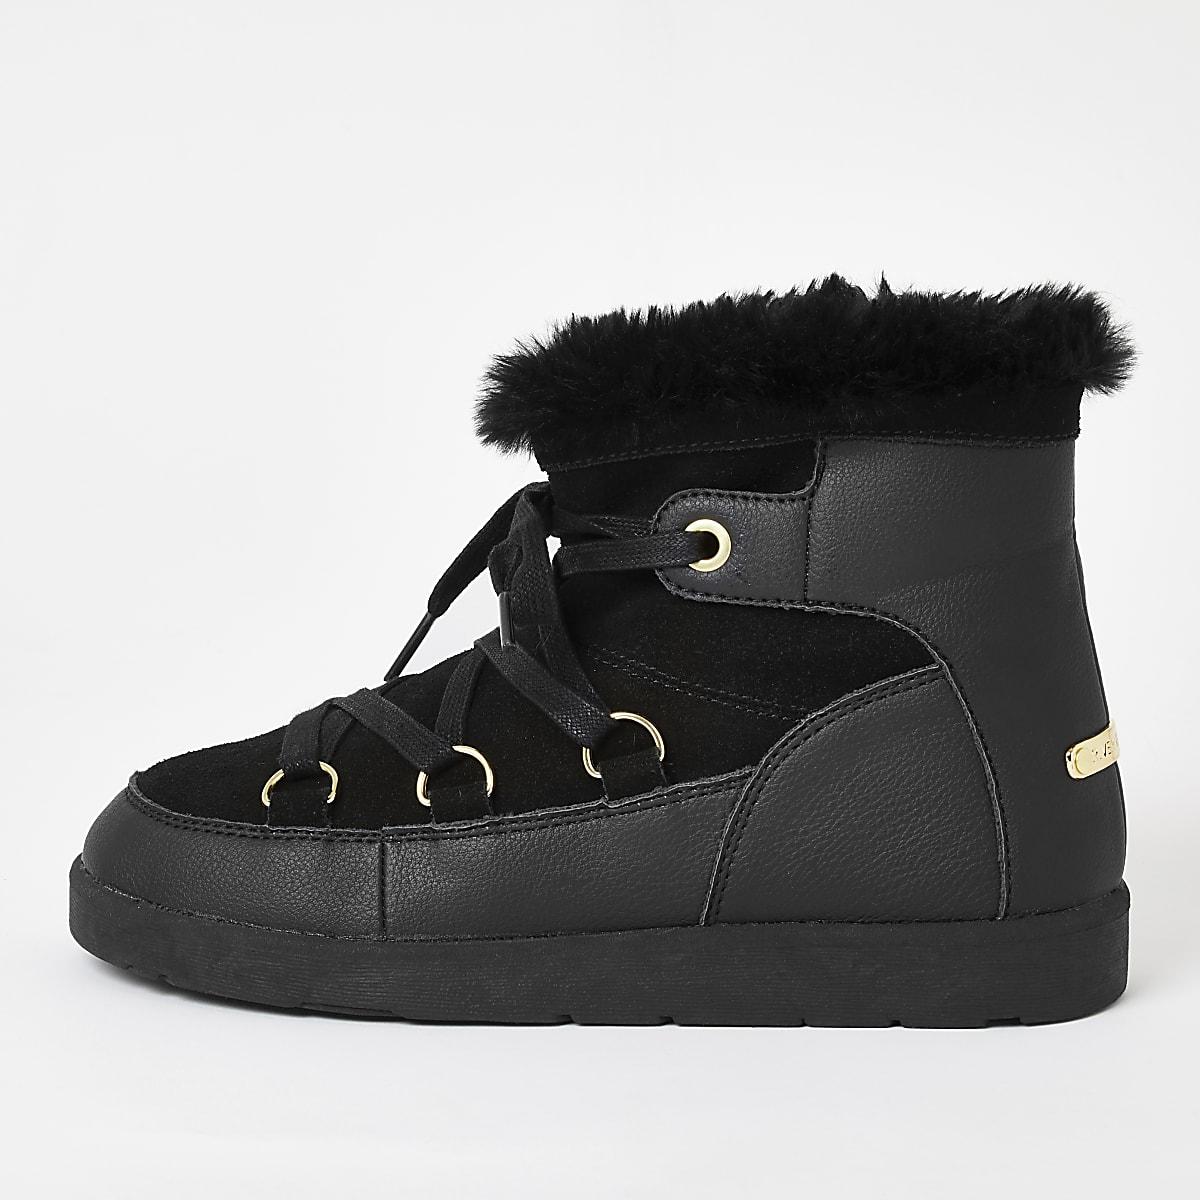 Zwarte suède laarzen met vetersluiting en rand van imitatiebont